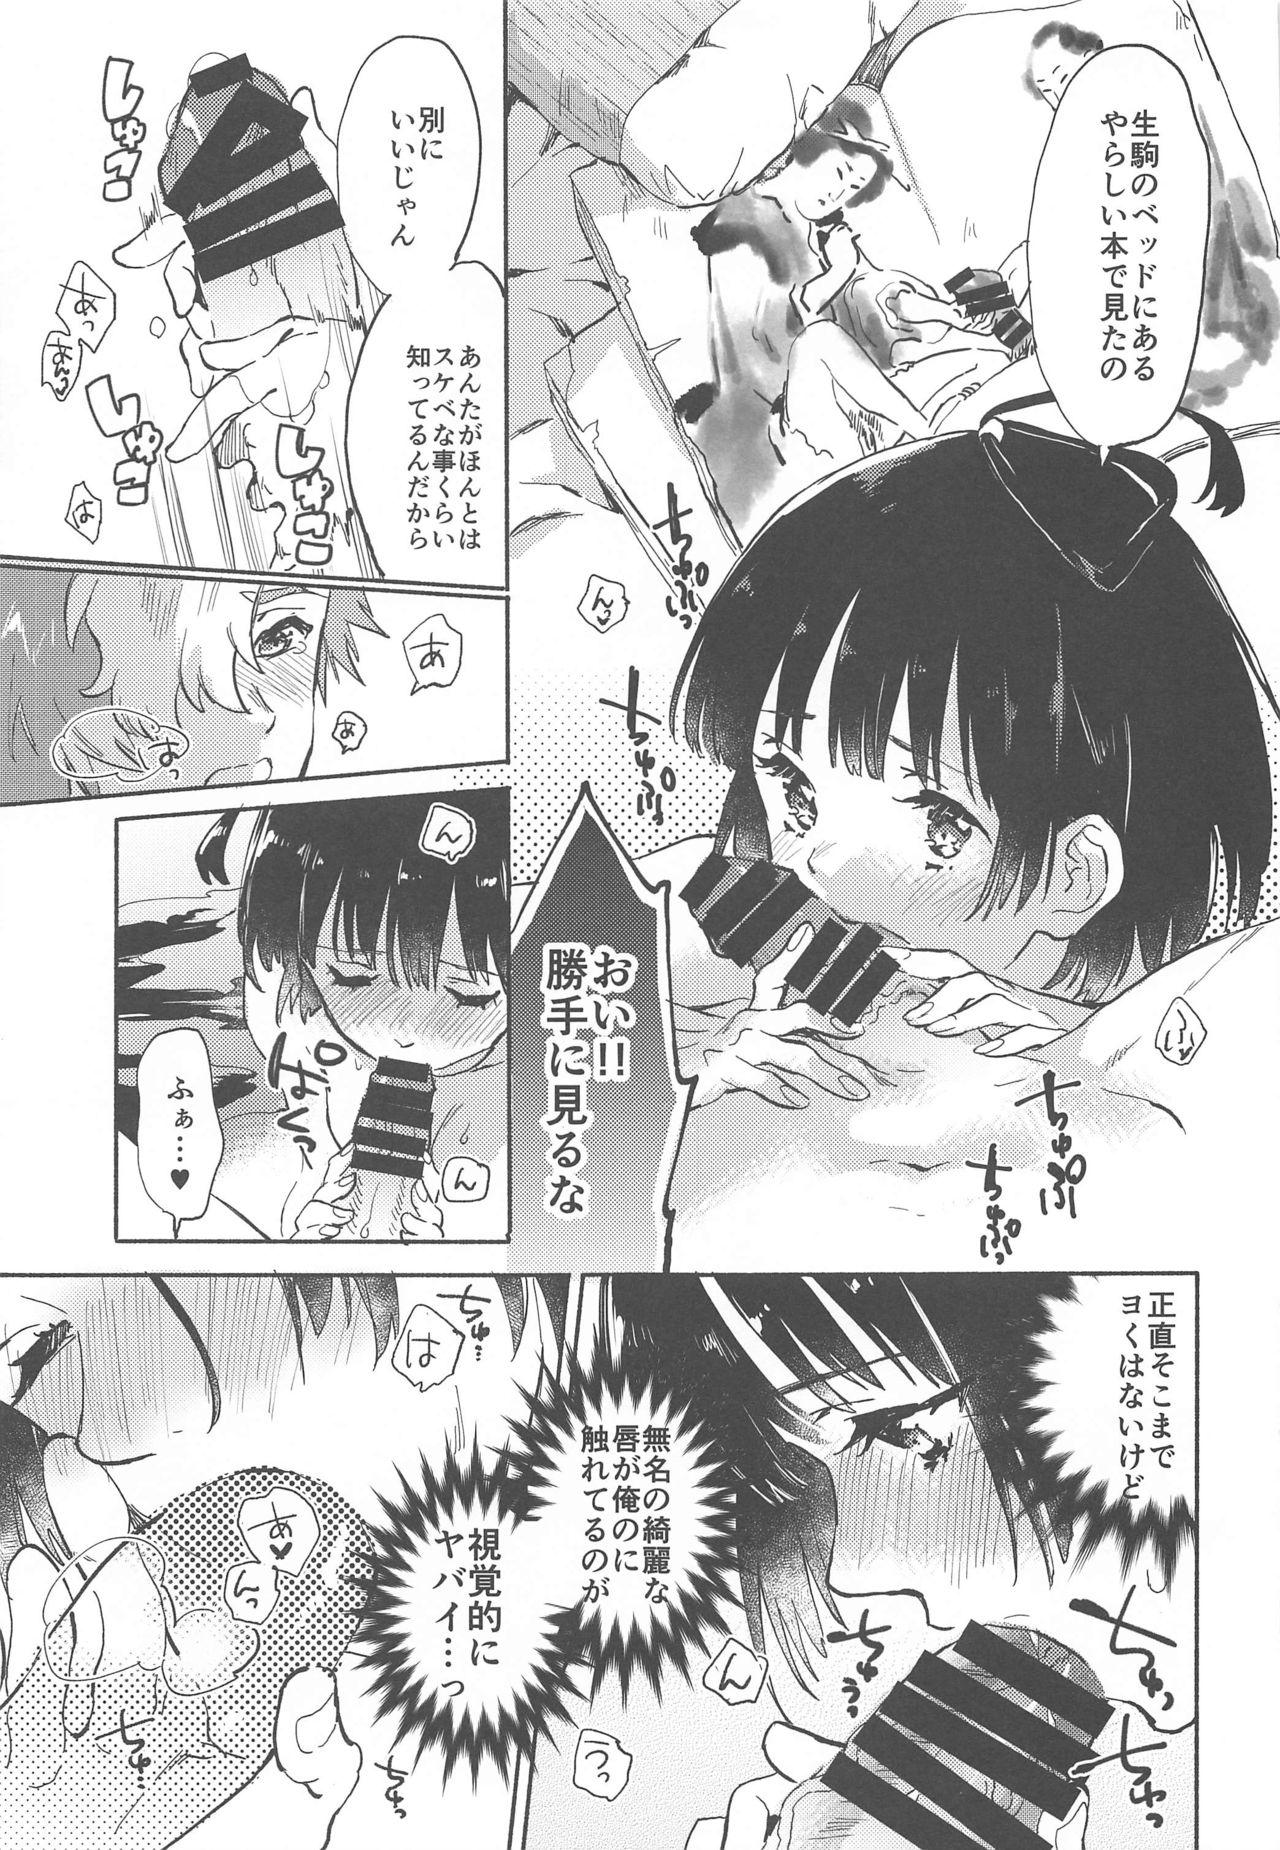 Unato Yukimi Onsen Ikomume Ichaicha Ippakufutsuka no Tabi 15